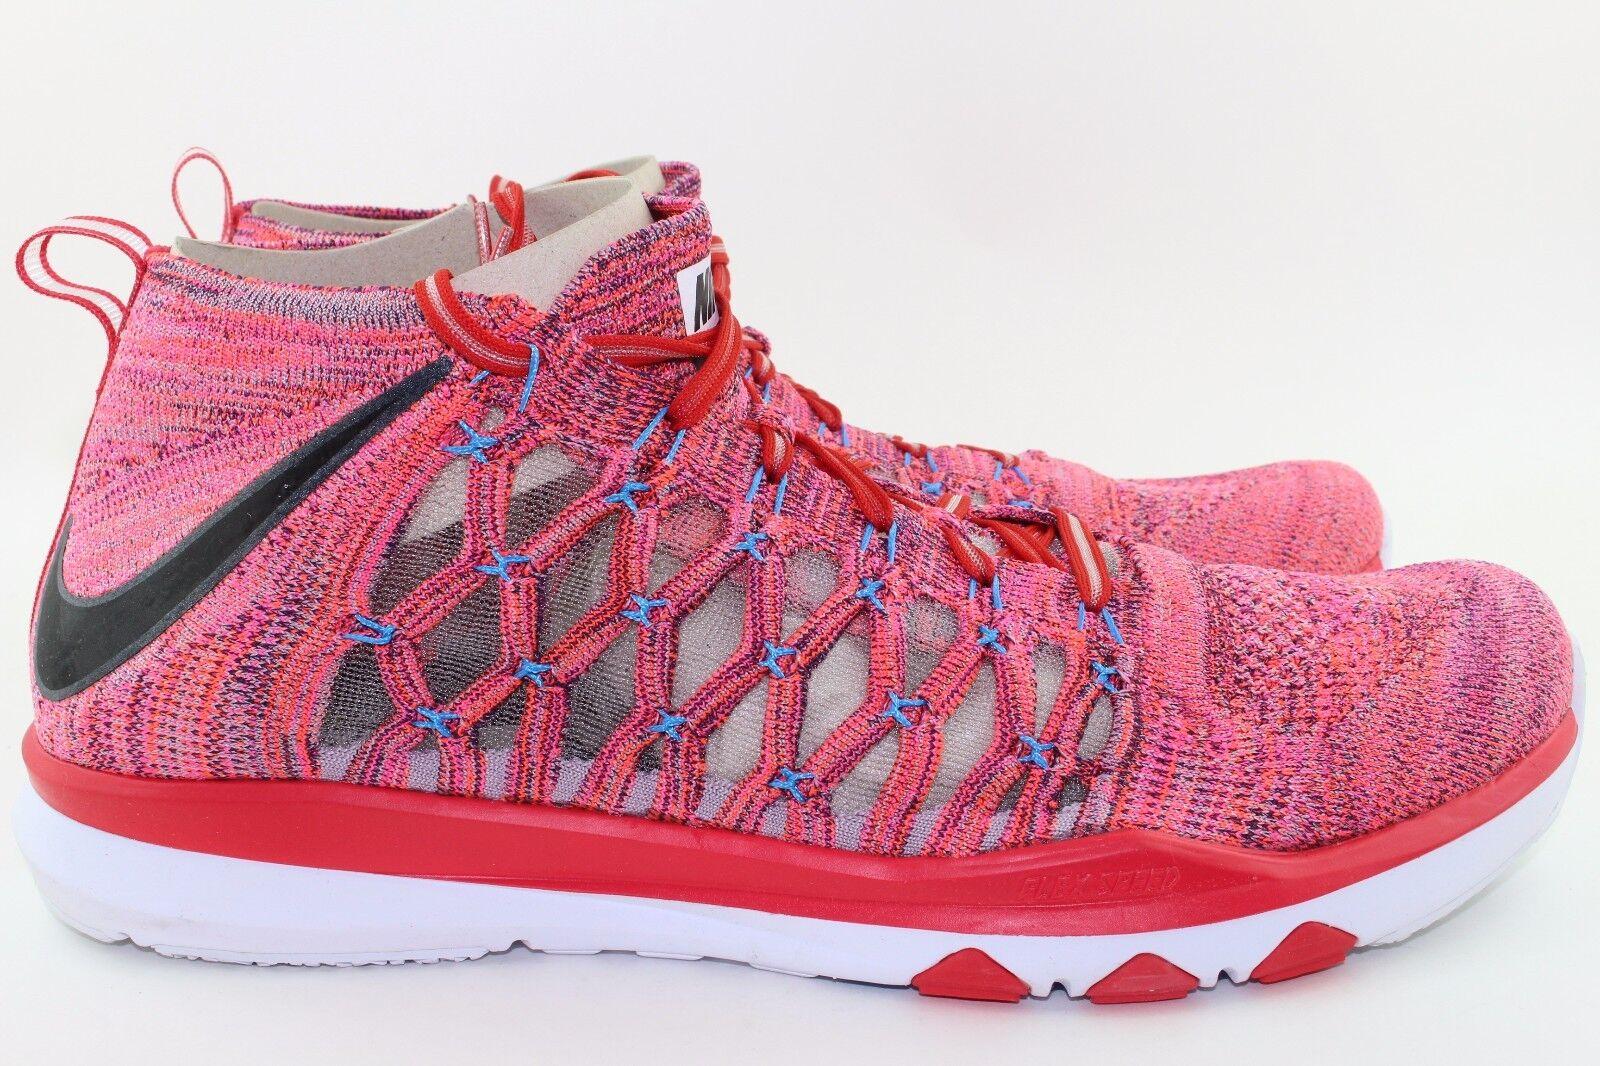 Nike treno ultrafast flyknit uomini dimensioni flum nebbia nuovo comodo alla moda